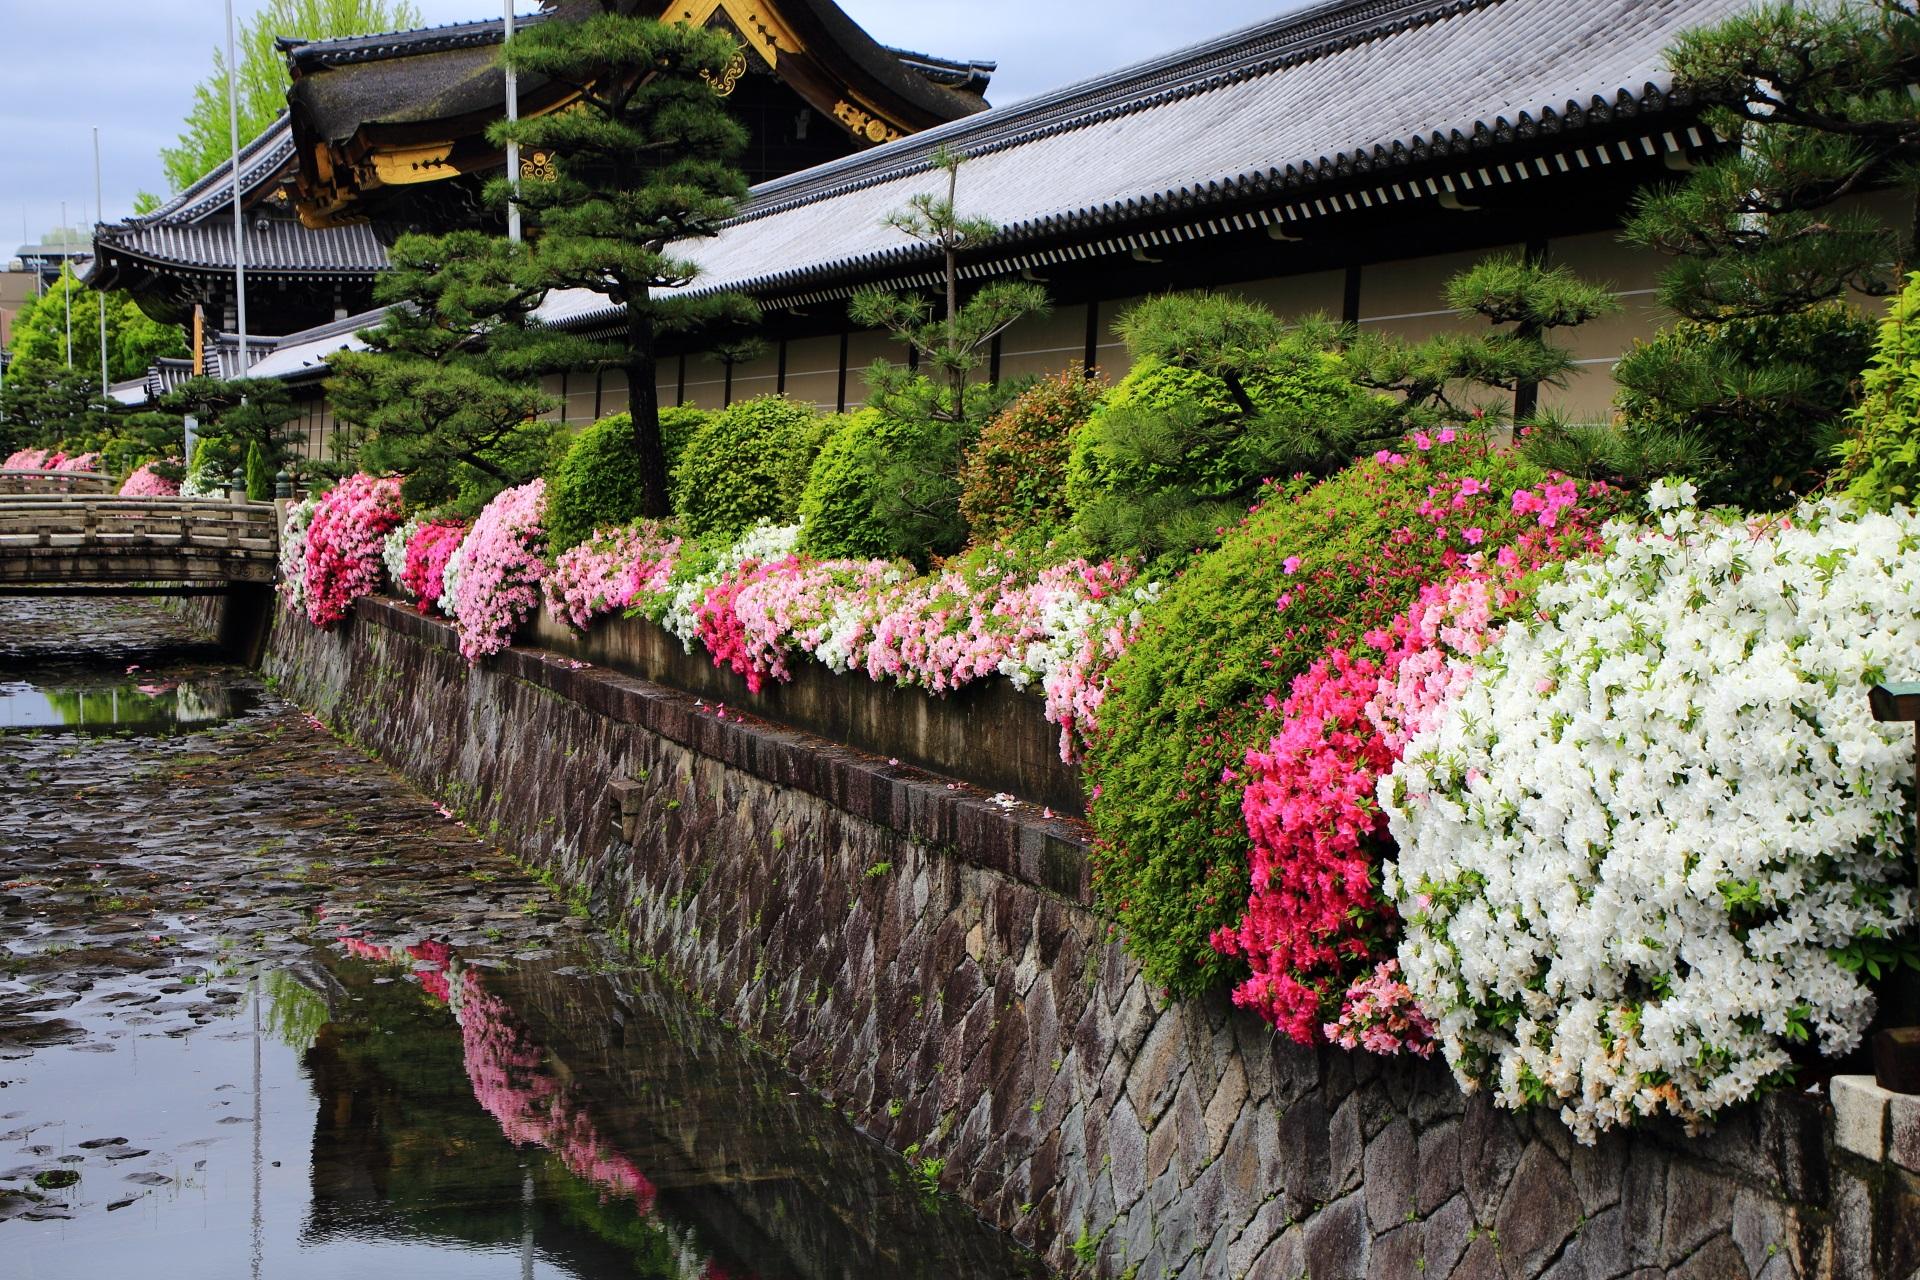 西本願寺の境内東側のお堀沿いに植えられるツツジ